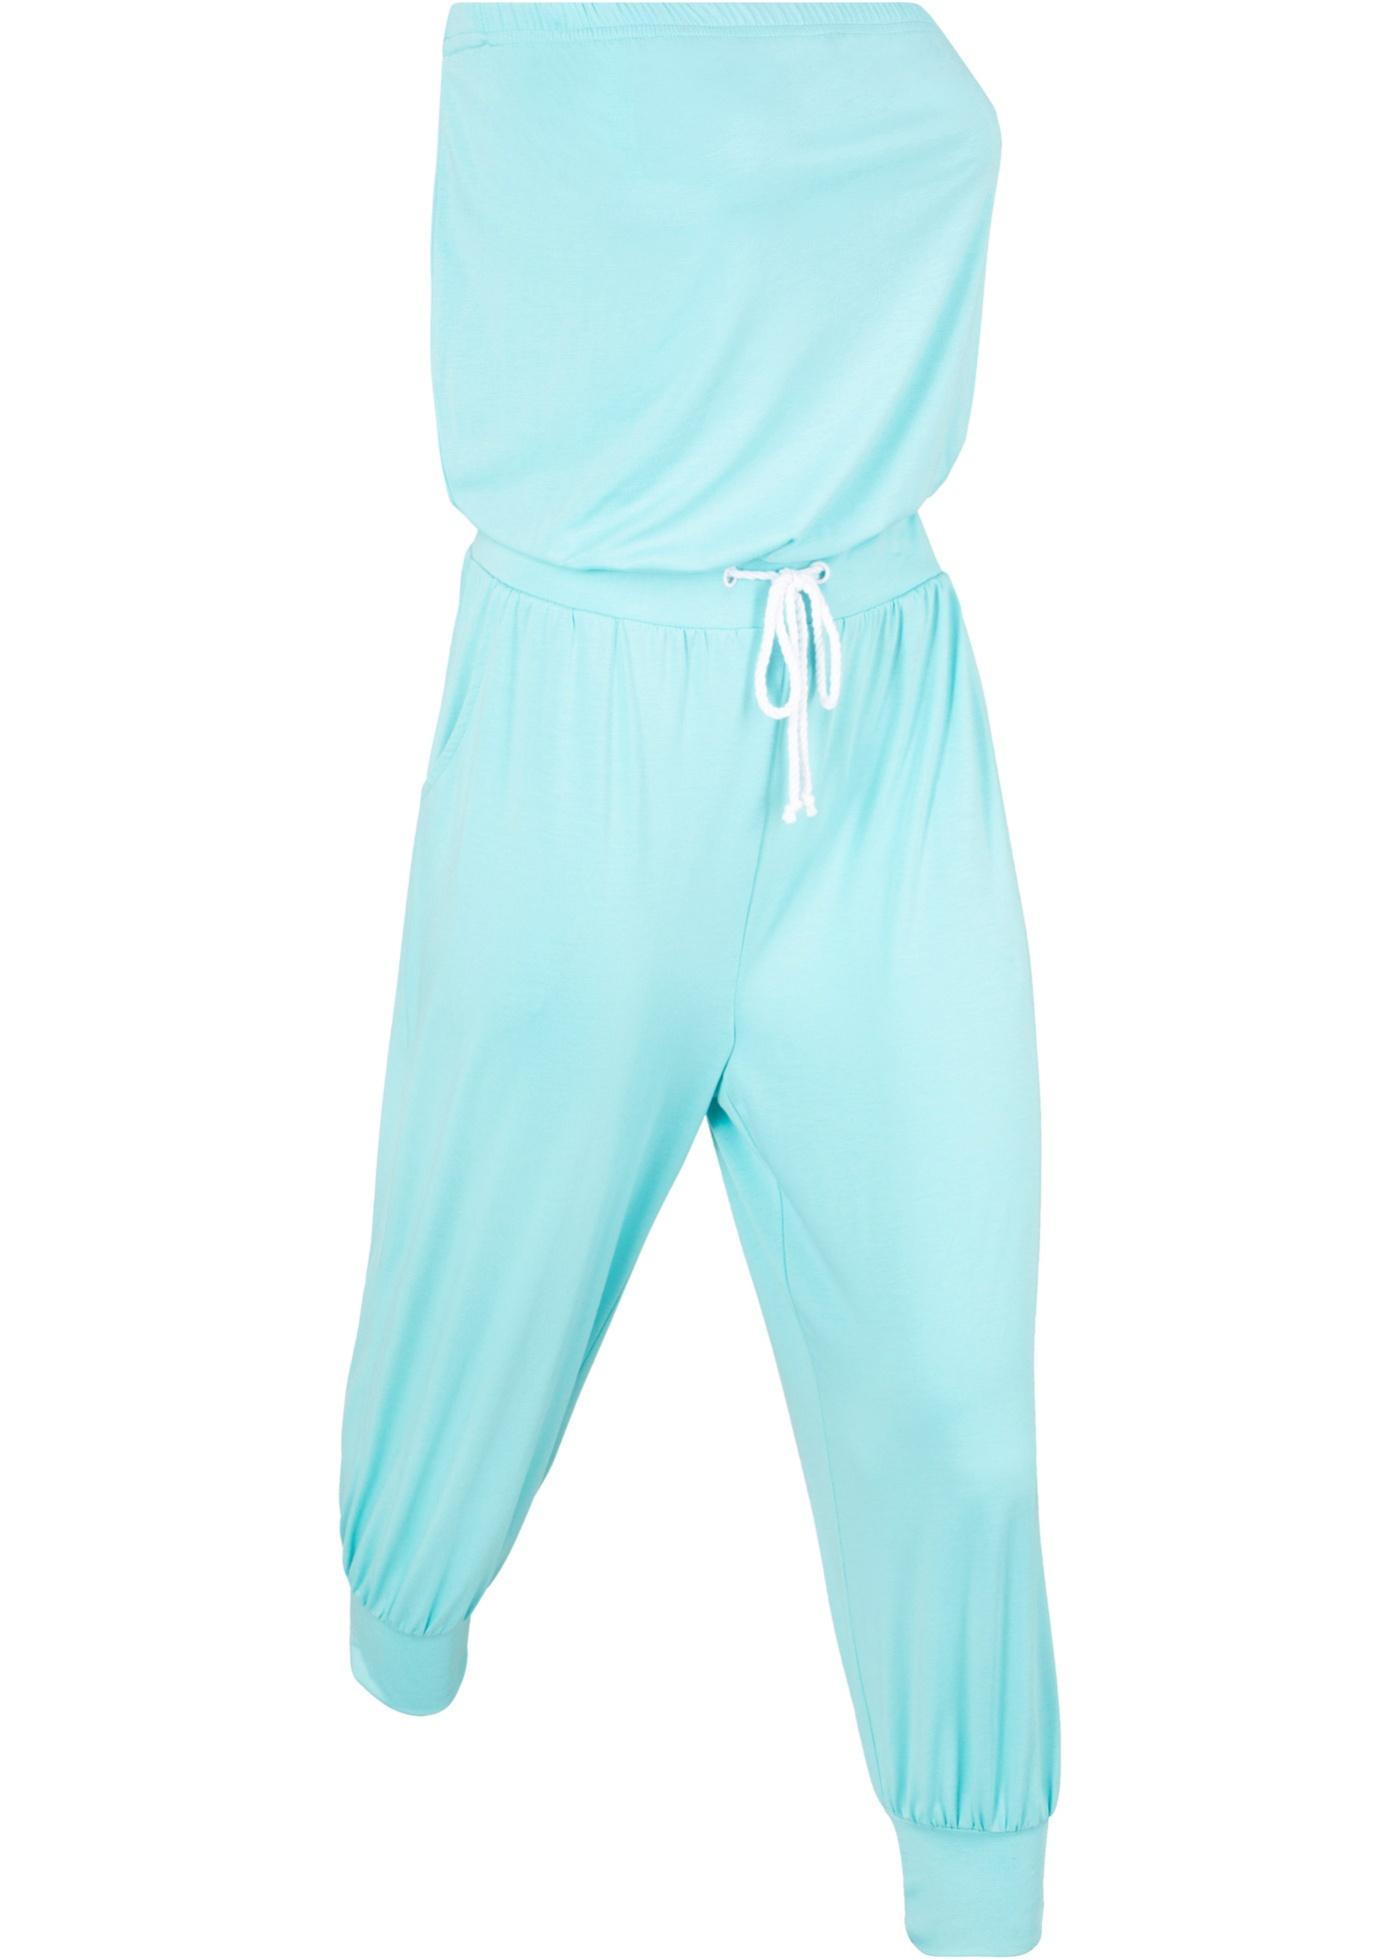 Bonprix Sans CollectionCombinaison Bpc Bustier Femme Manches Bleu Pour xoredCWB